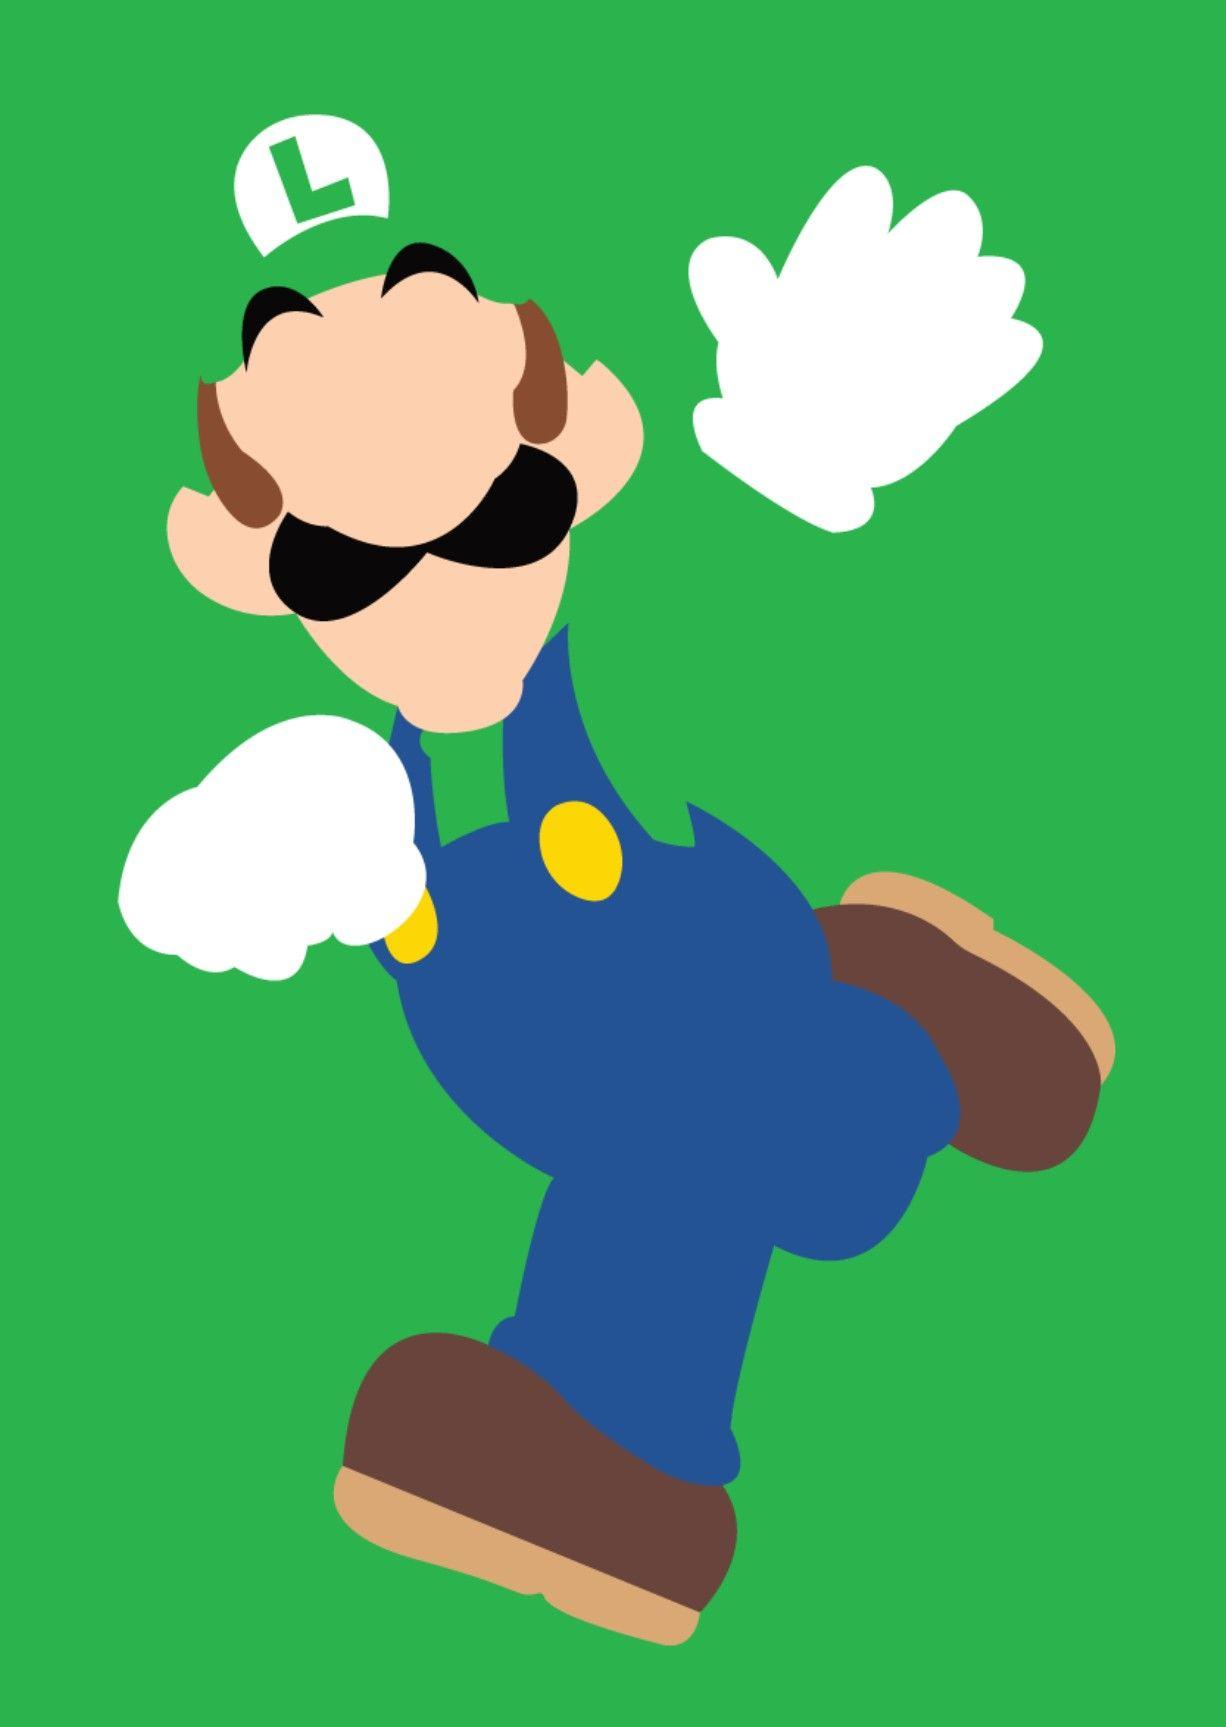 Luigi Super Mario World Super Mario World Super Mario Bros Mario Bros